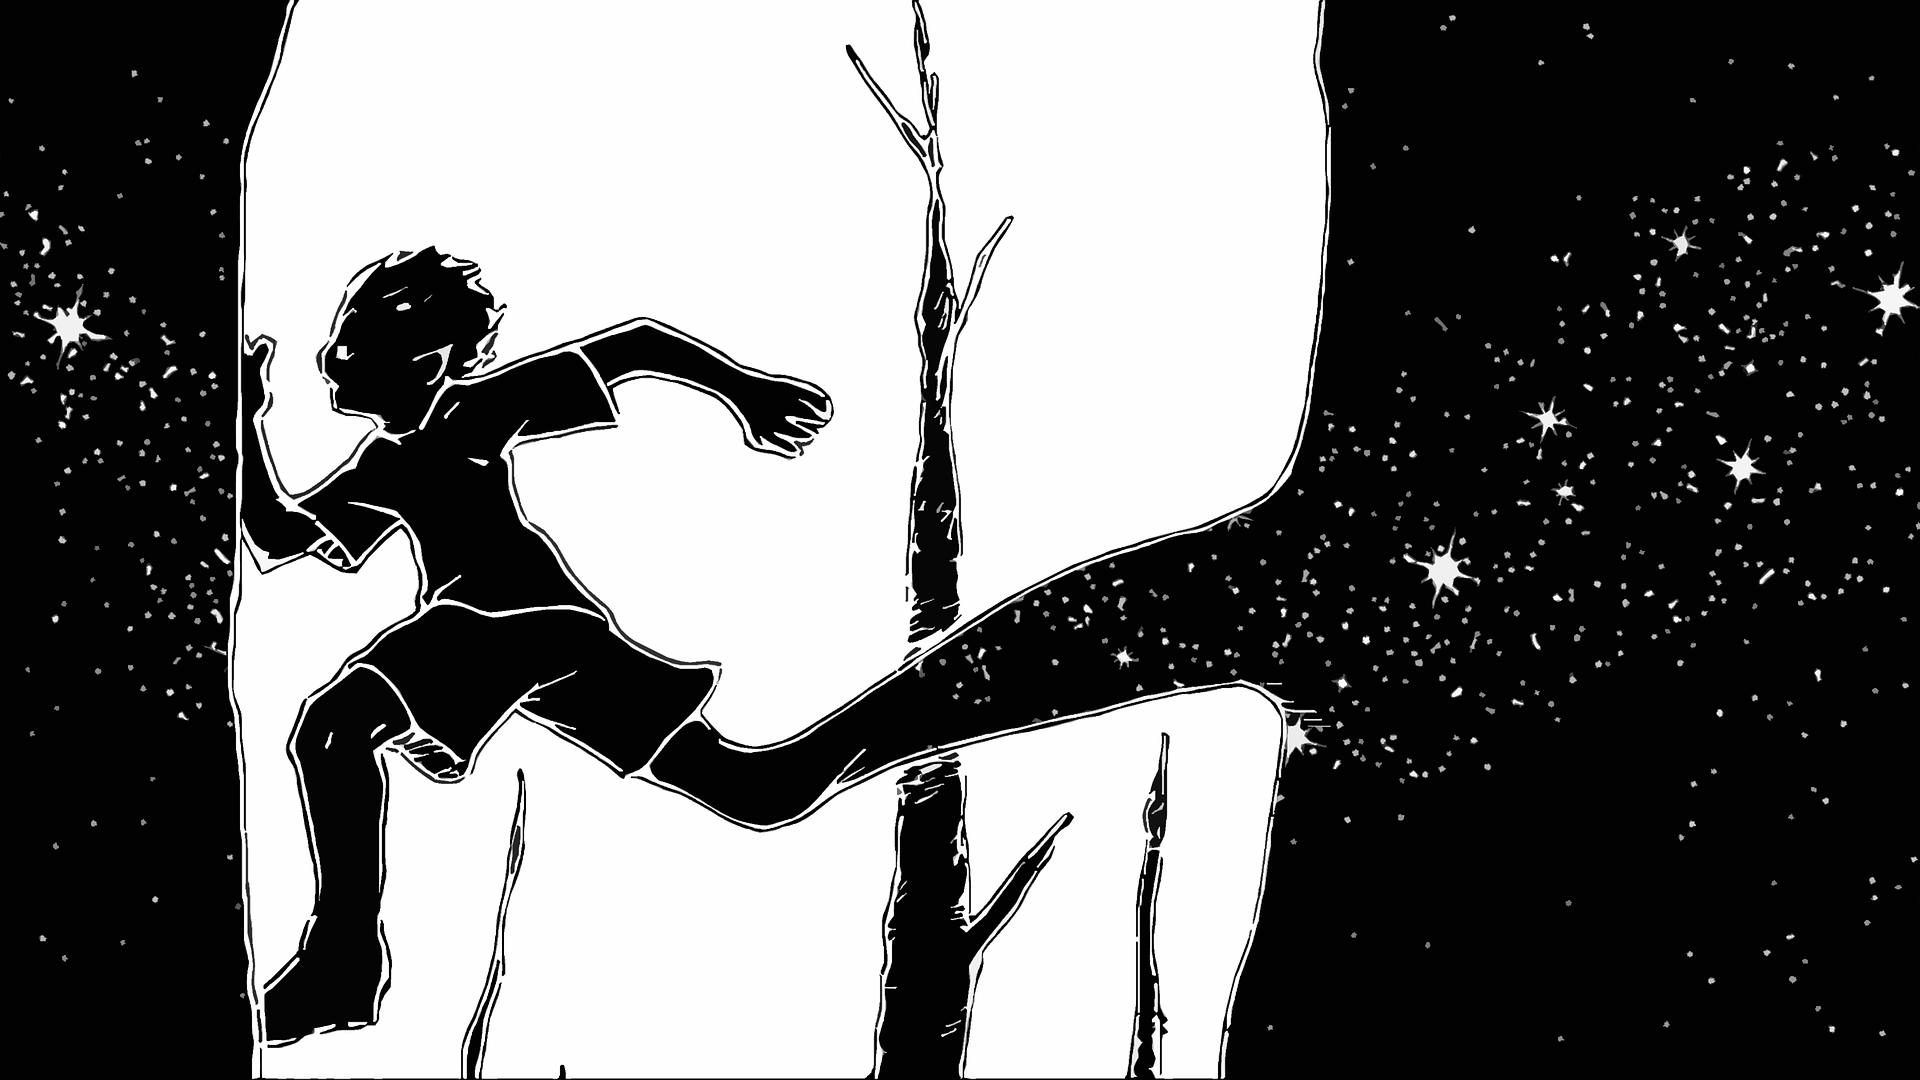 تبحثون عن تفسير حلم زنا المحارم تفسير الأحلام والرؤى تفسير حلم تفسير حلم مجامعة الأم لابنها تفسير حلم الزنا تفسير حلم الزنا مع الخالة تفسير حلم انكح اختي